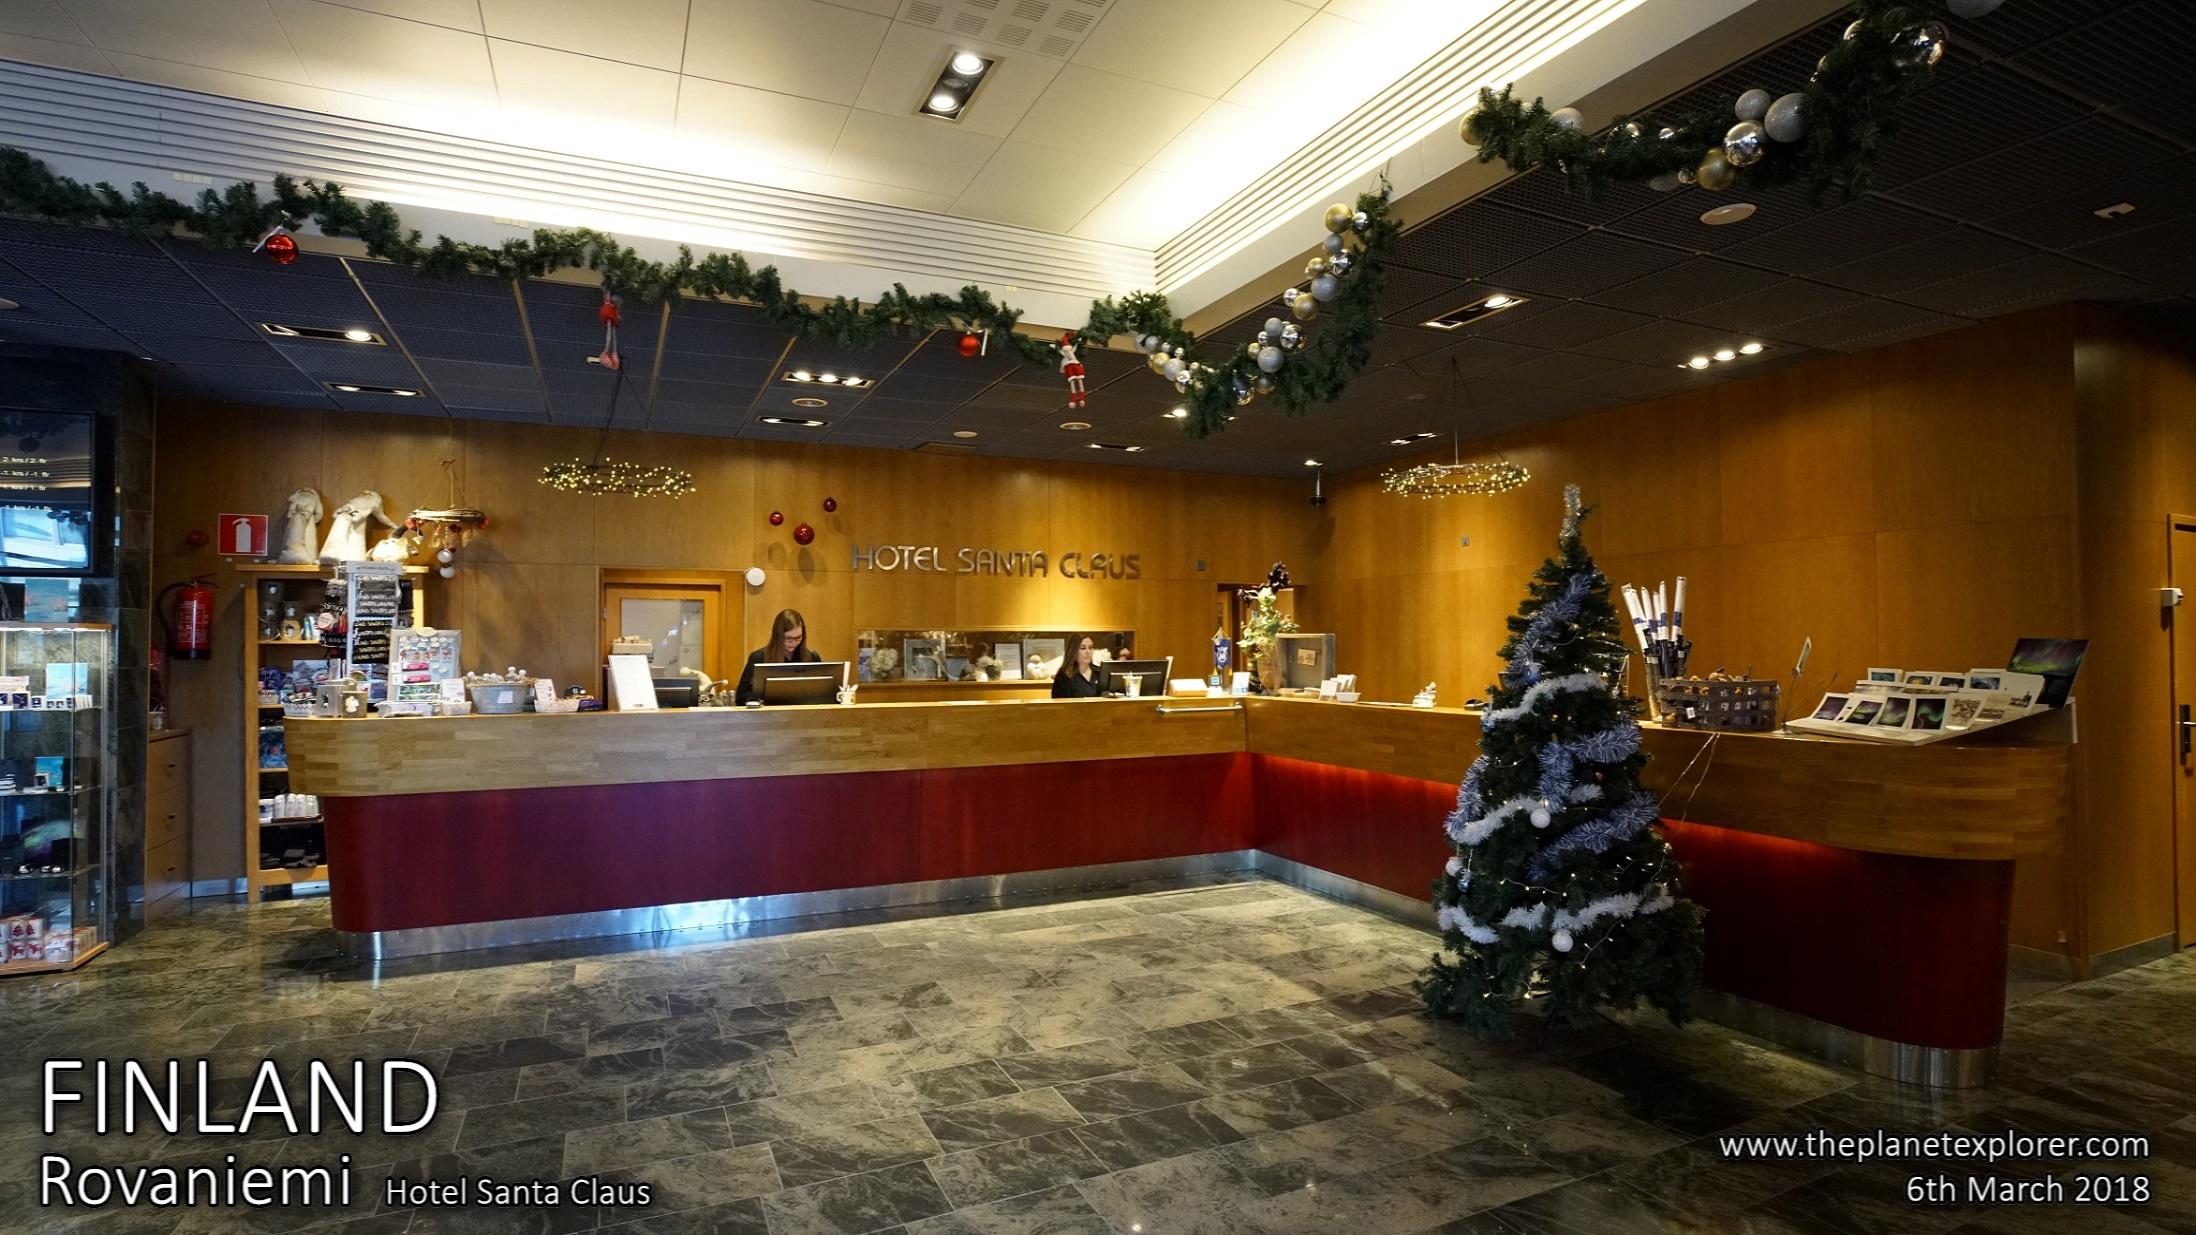 20180306_1427_Finland_Rovaniemi_Hotel Santa Claus_DSC09799_Sony a7R2_LR_@www